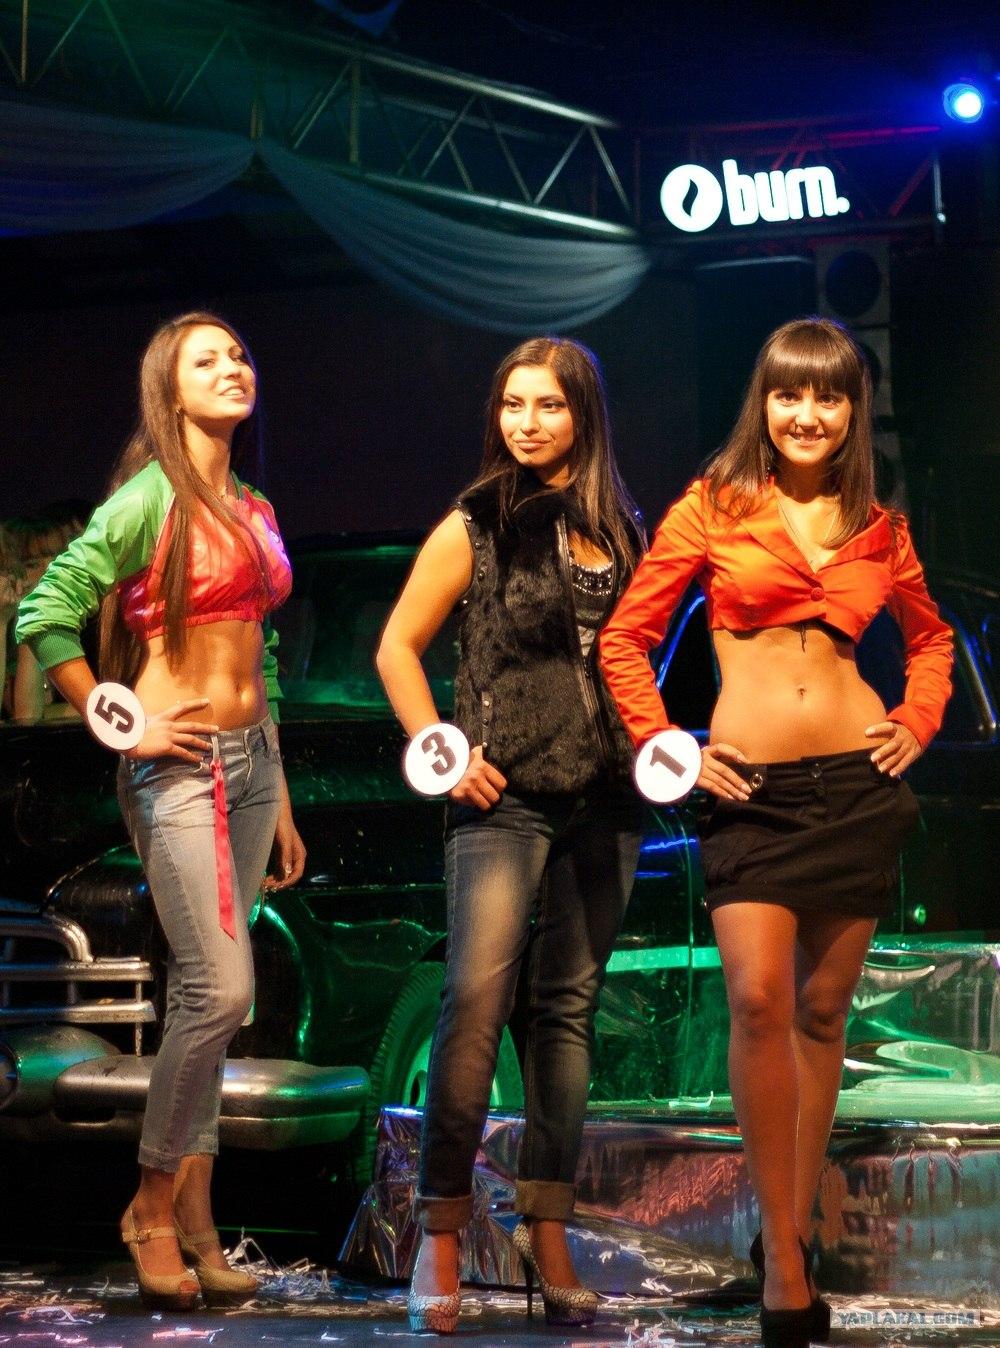 Фото конкурсов из ночного клуба 4 фотография